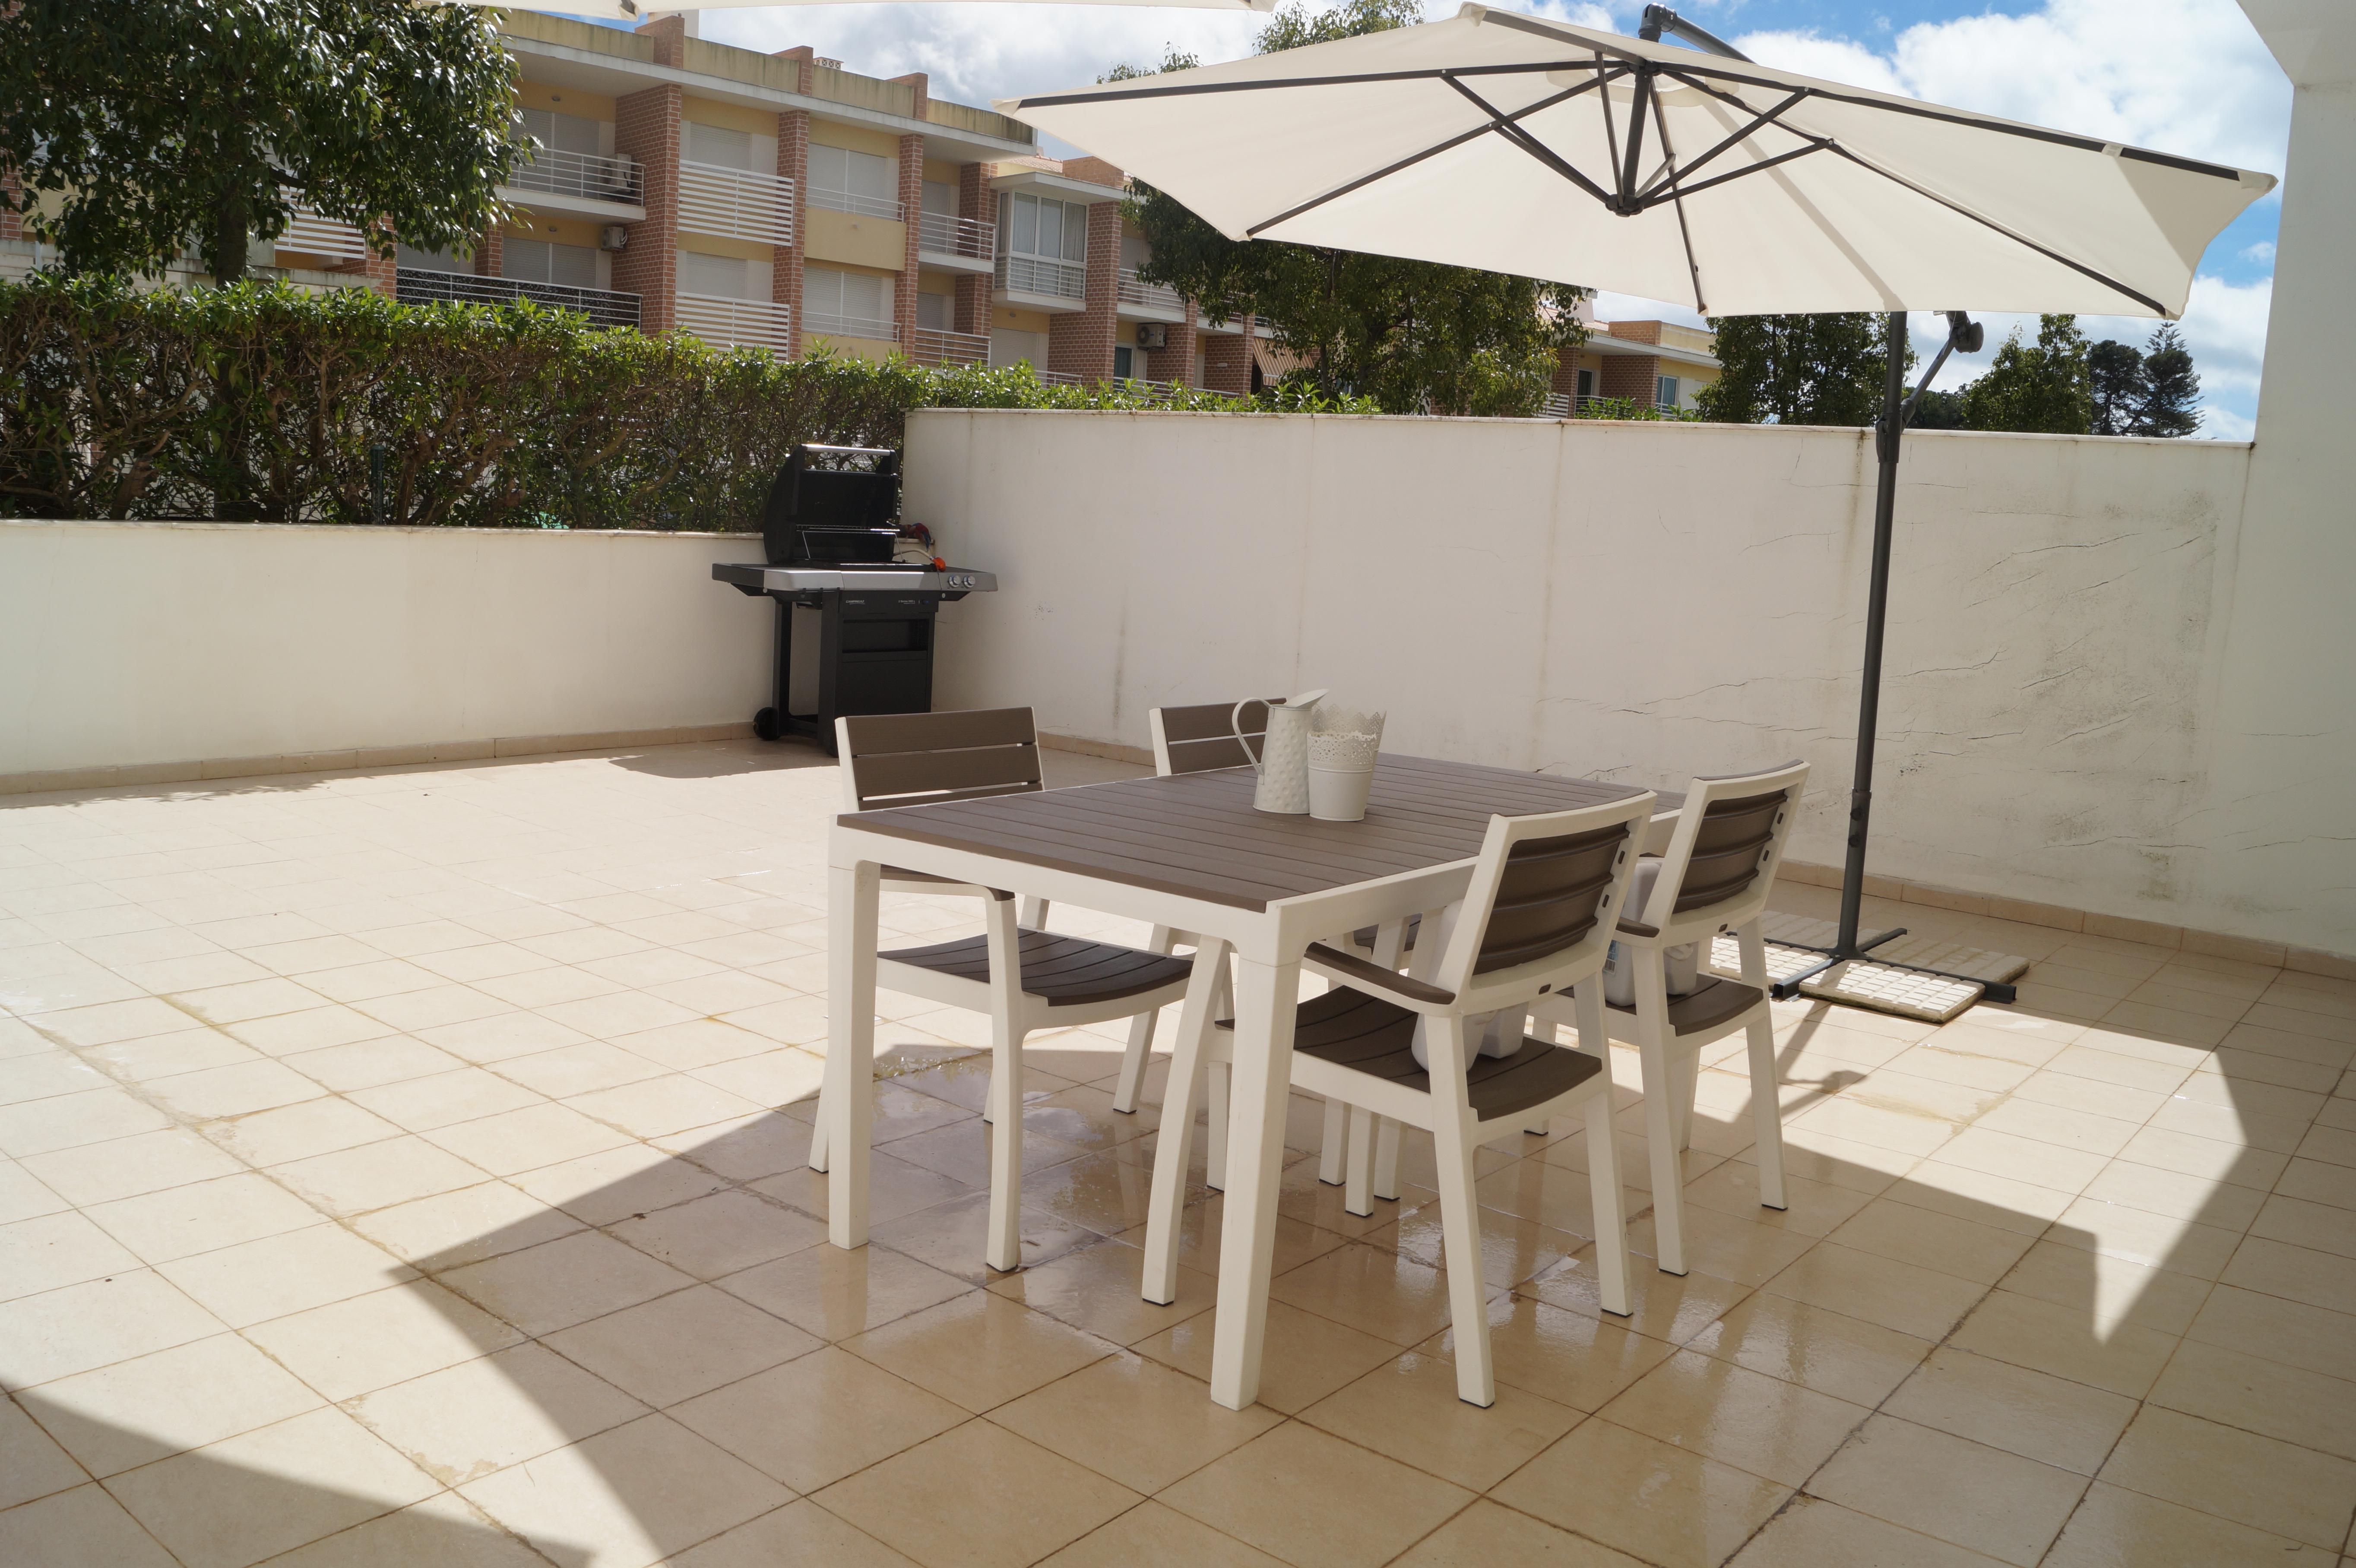 Location appartements et villas de vacance, Condominio Partilha Sol, Alvor, Portimao à Alvor, Portugal Algarve, REF_IMG_4403_4404